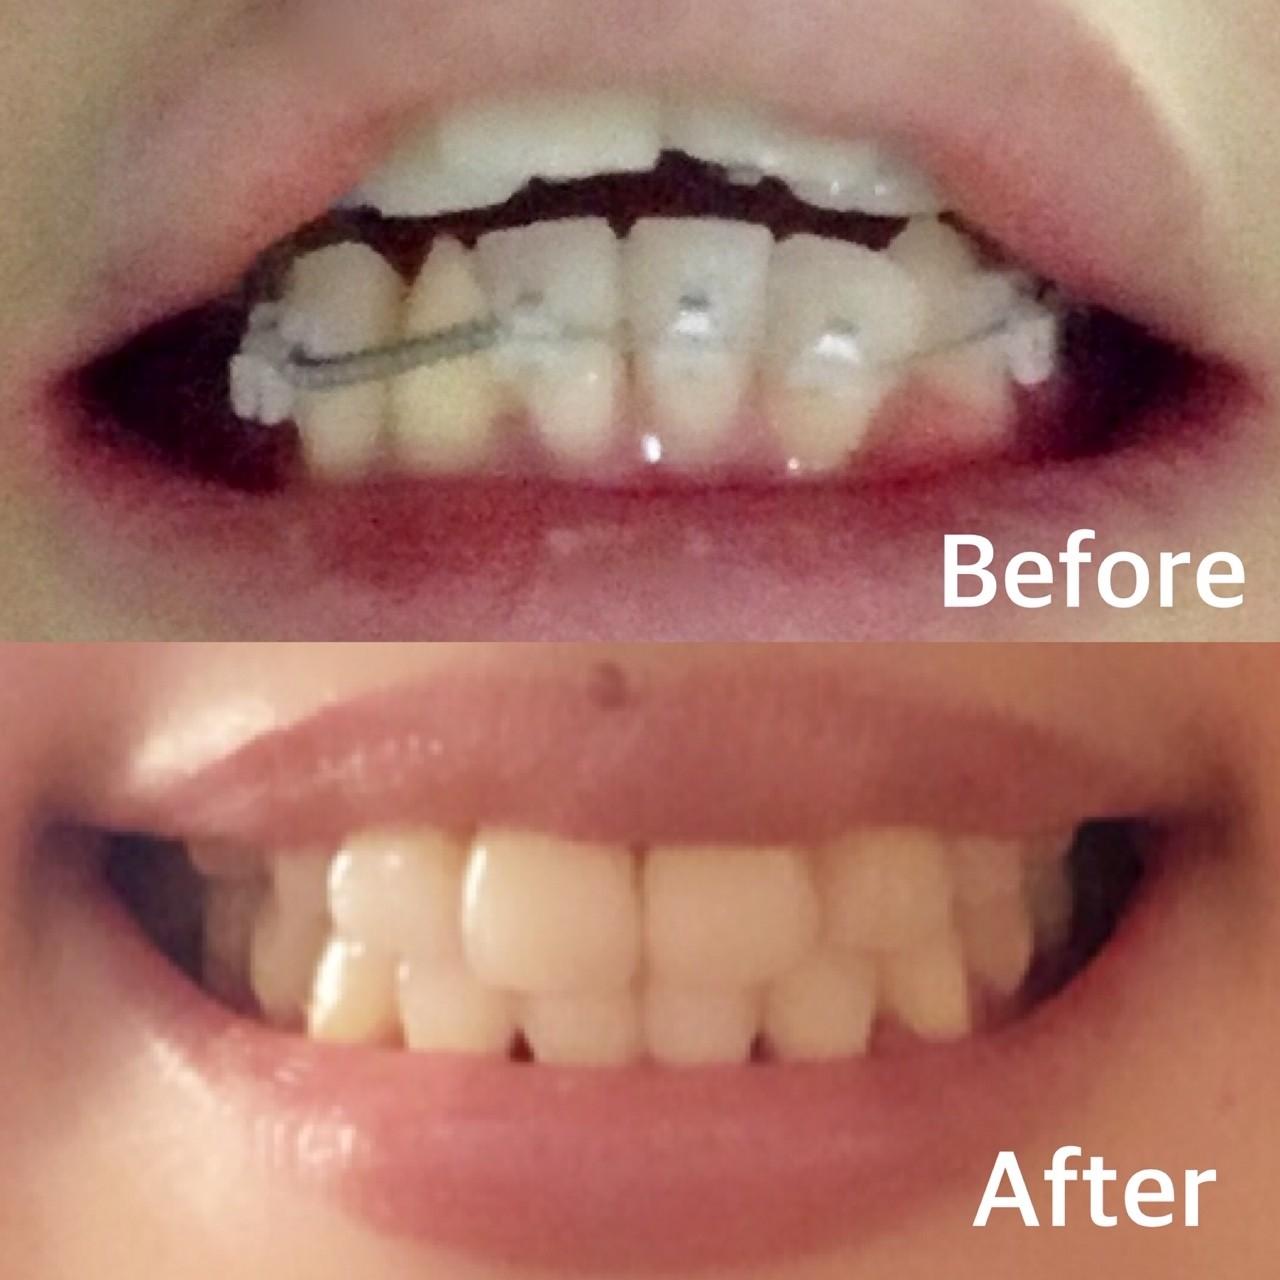 【大人の歯列矯正】アラサーの大事な4年を捧げた歯並び改善、全部見せます!②_1